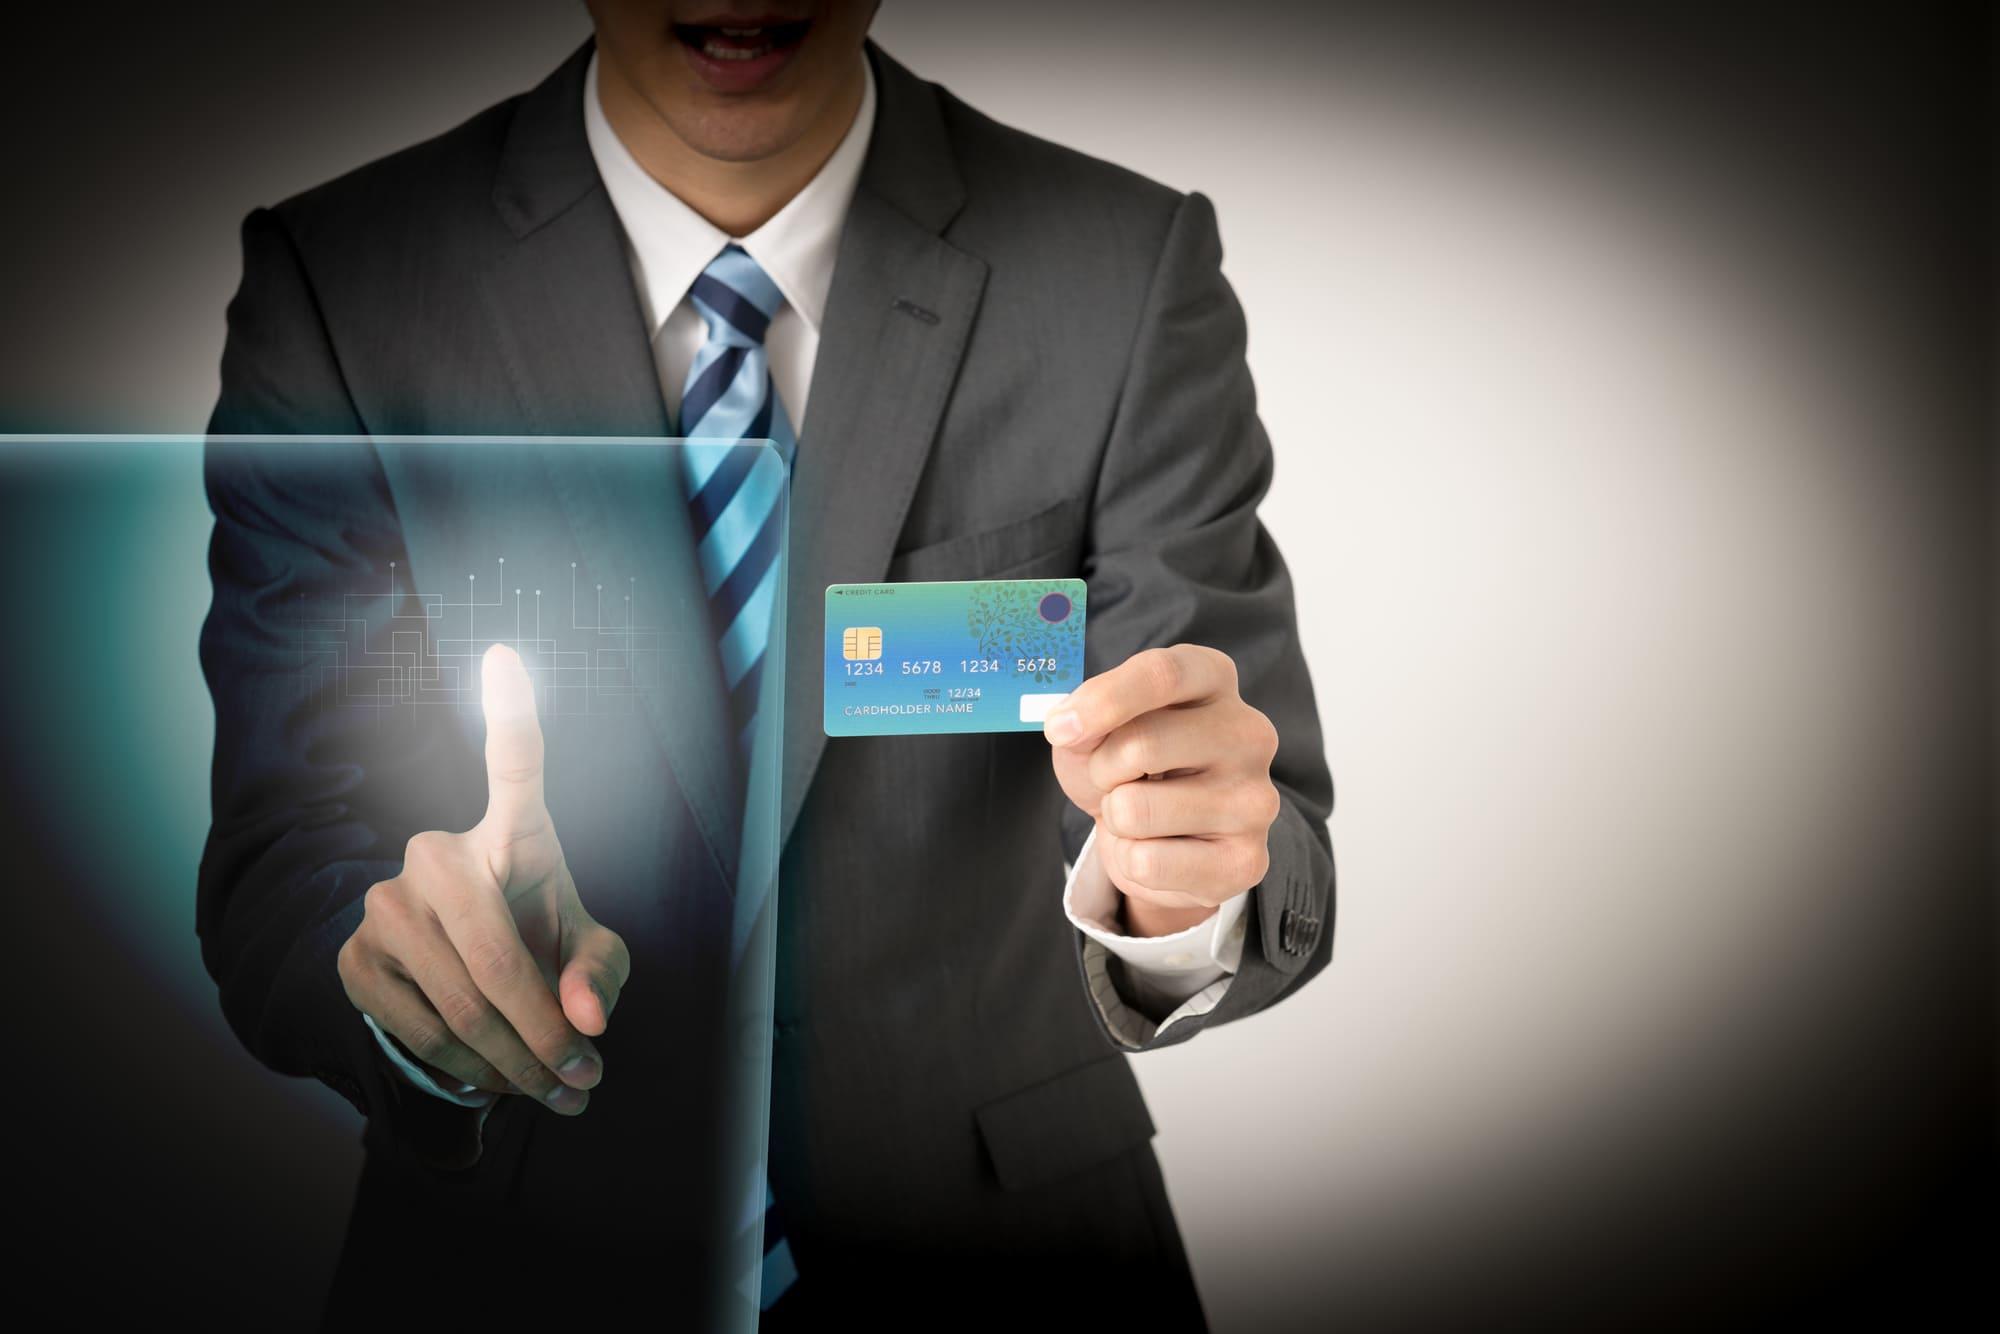 法人カードの利用ルールを決めて社員の不正利用を未然に防ごう!